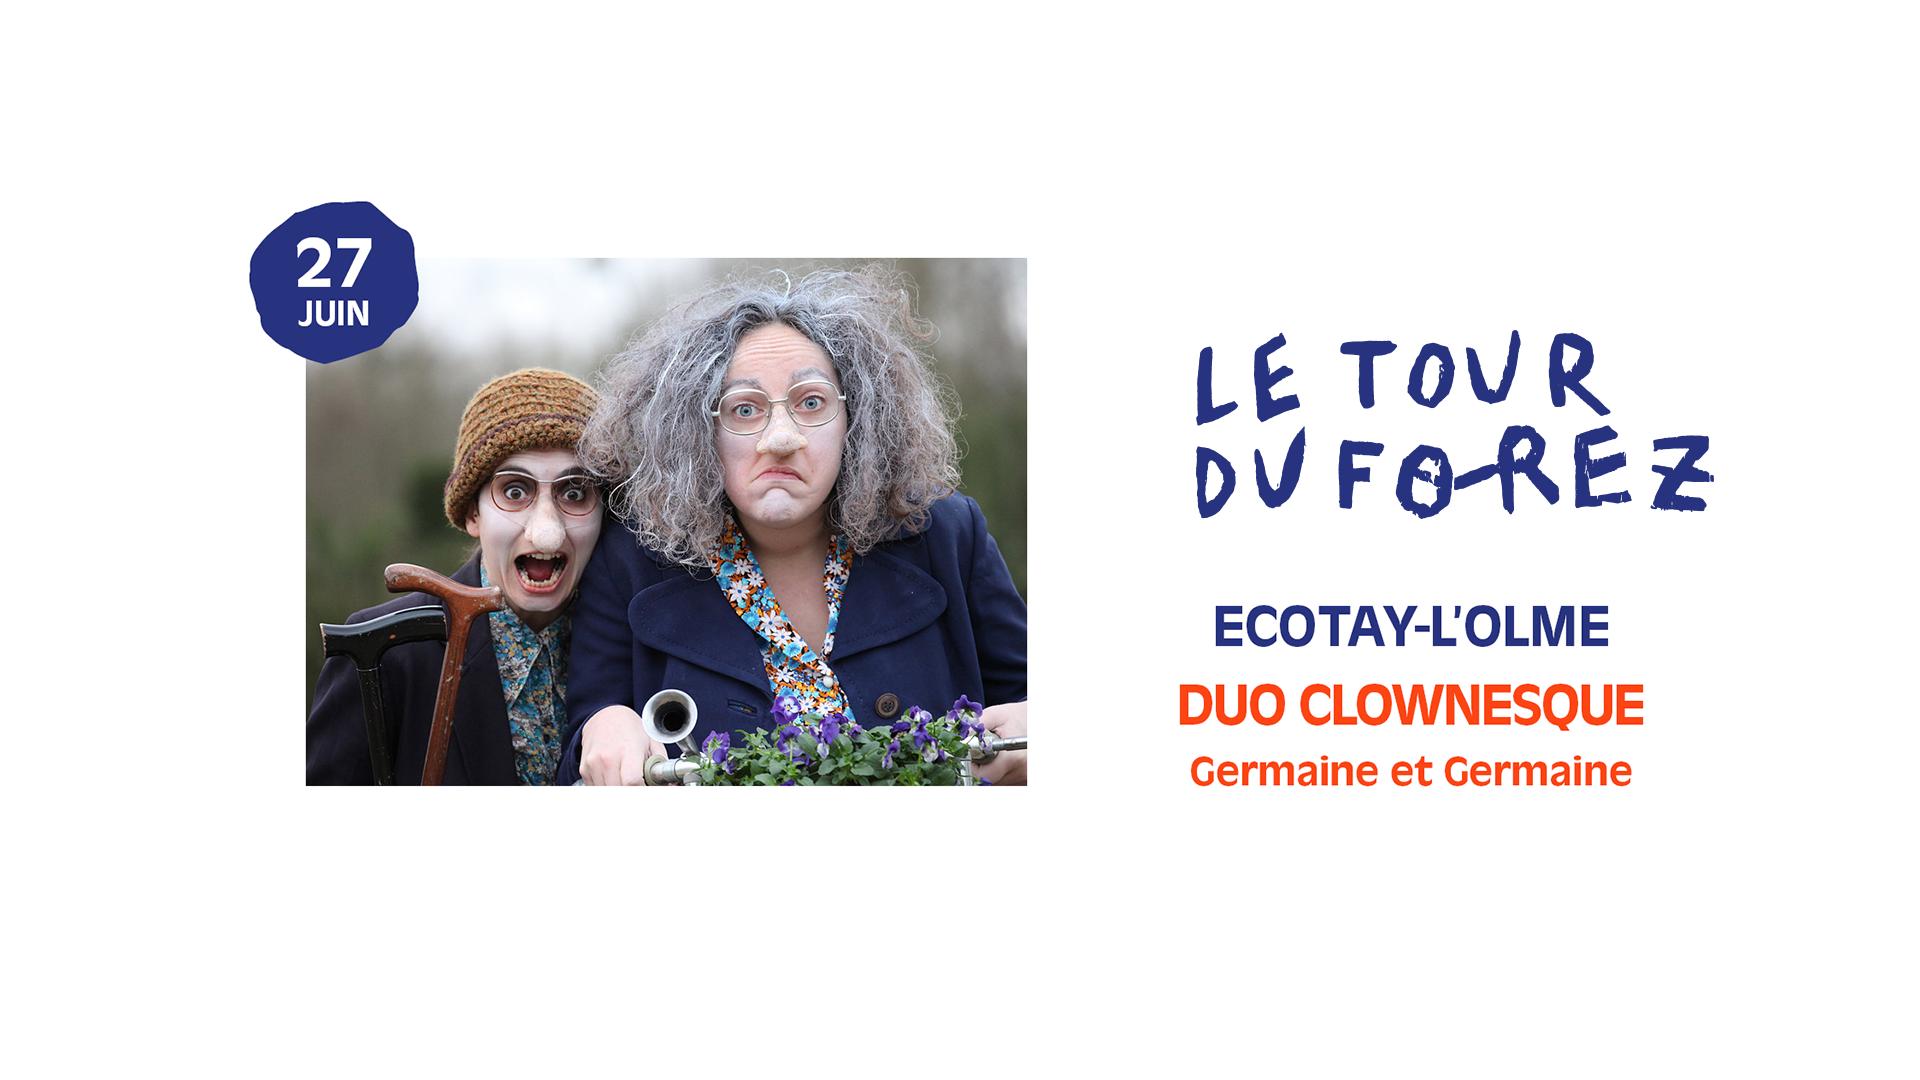 Duo Clownesque